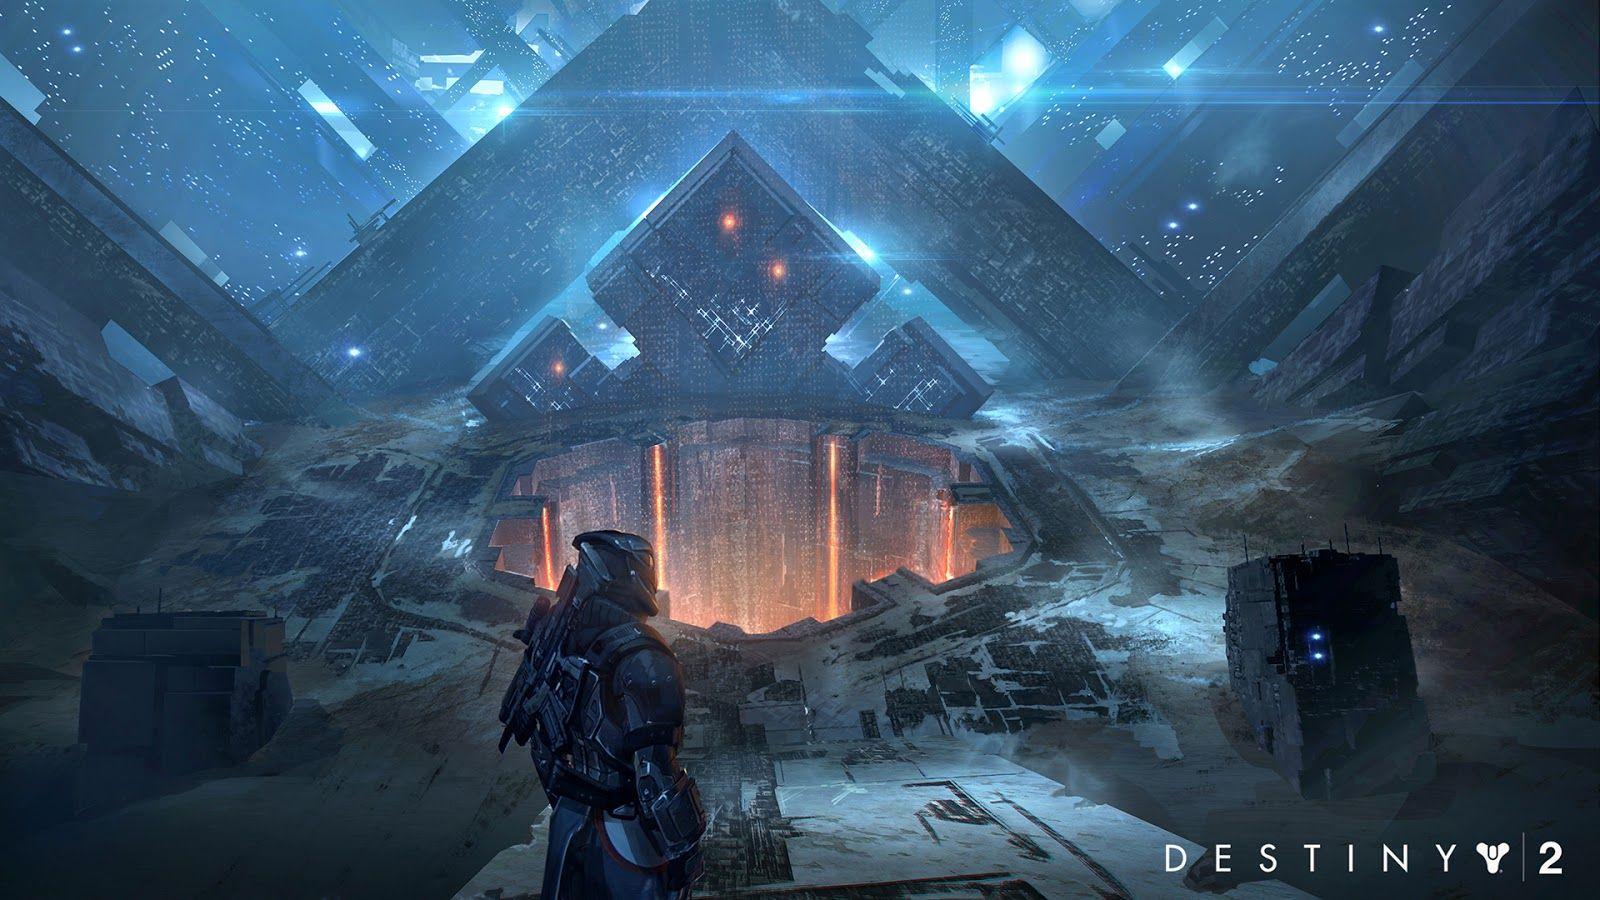 Destiny 2 Concept Art by Jeremy Fenske | Brand Favorites